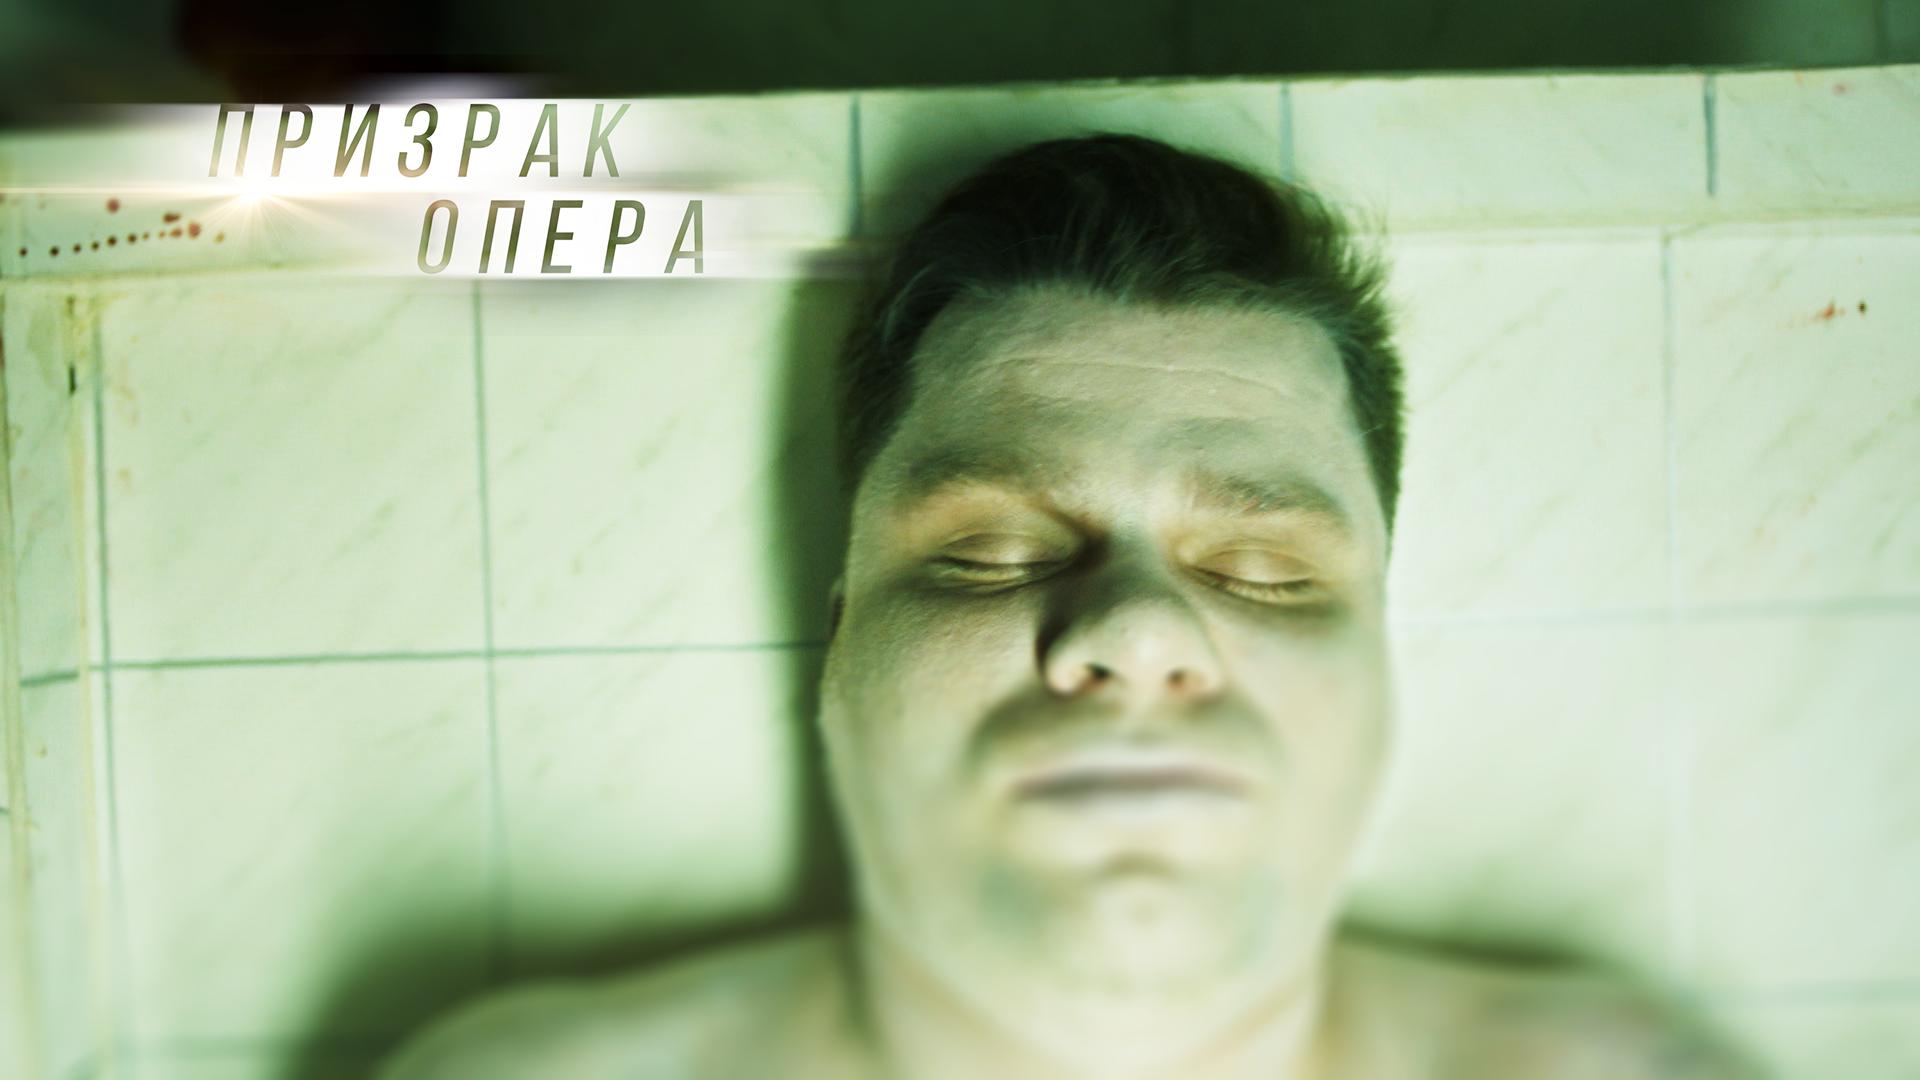 """Кадр из сериала """"Призрак опера"""". Режиссёр Эмиль Никогосян"""